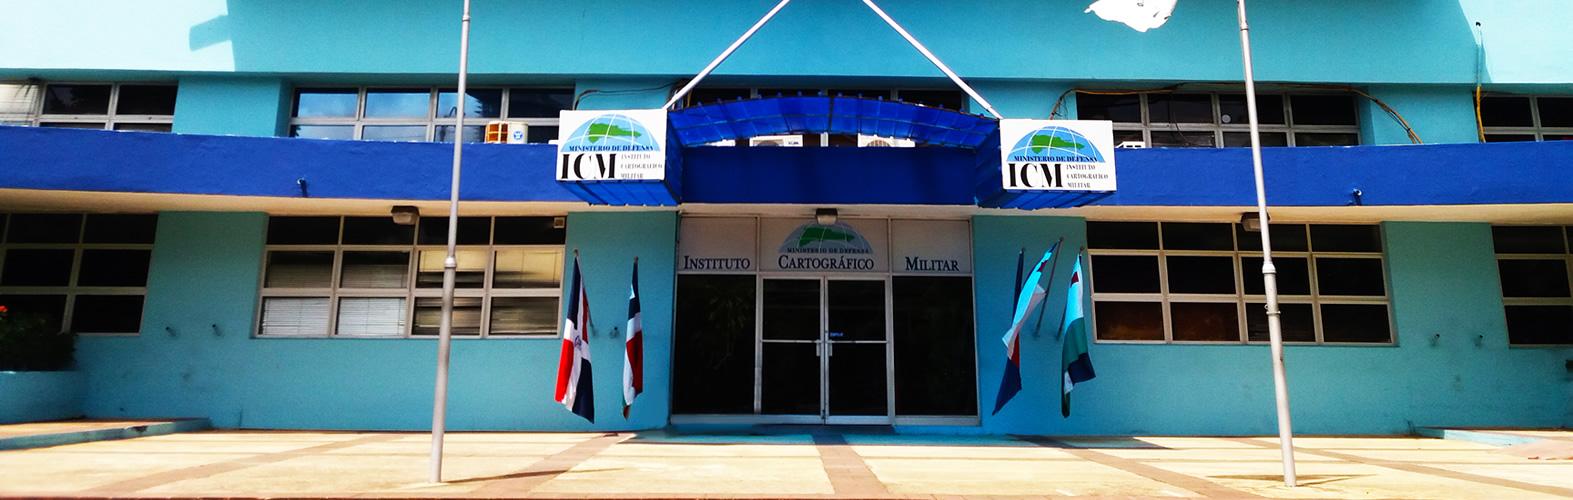 Fachada edificio ICM-5